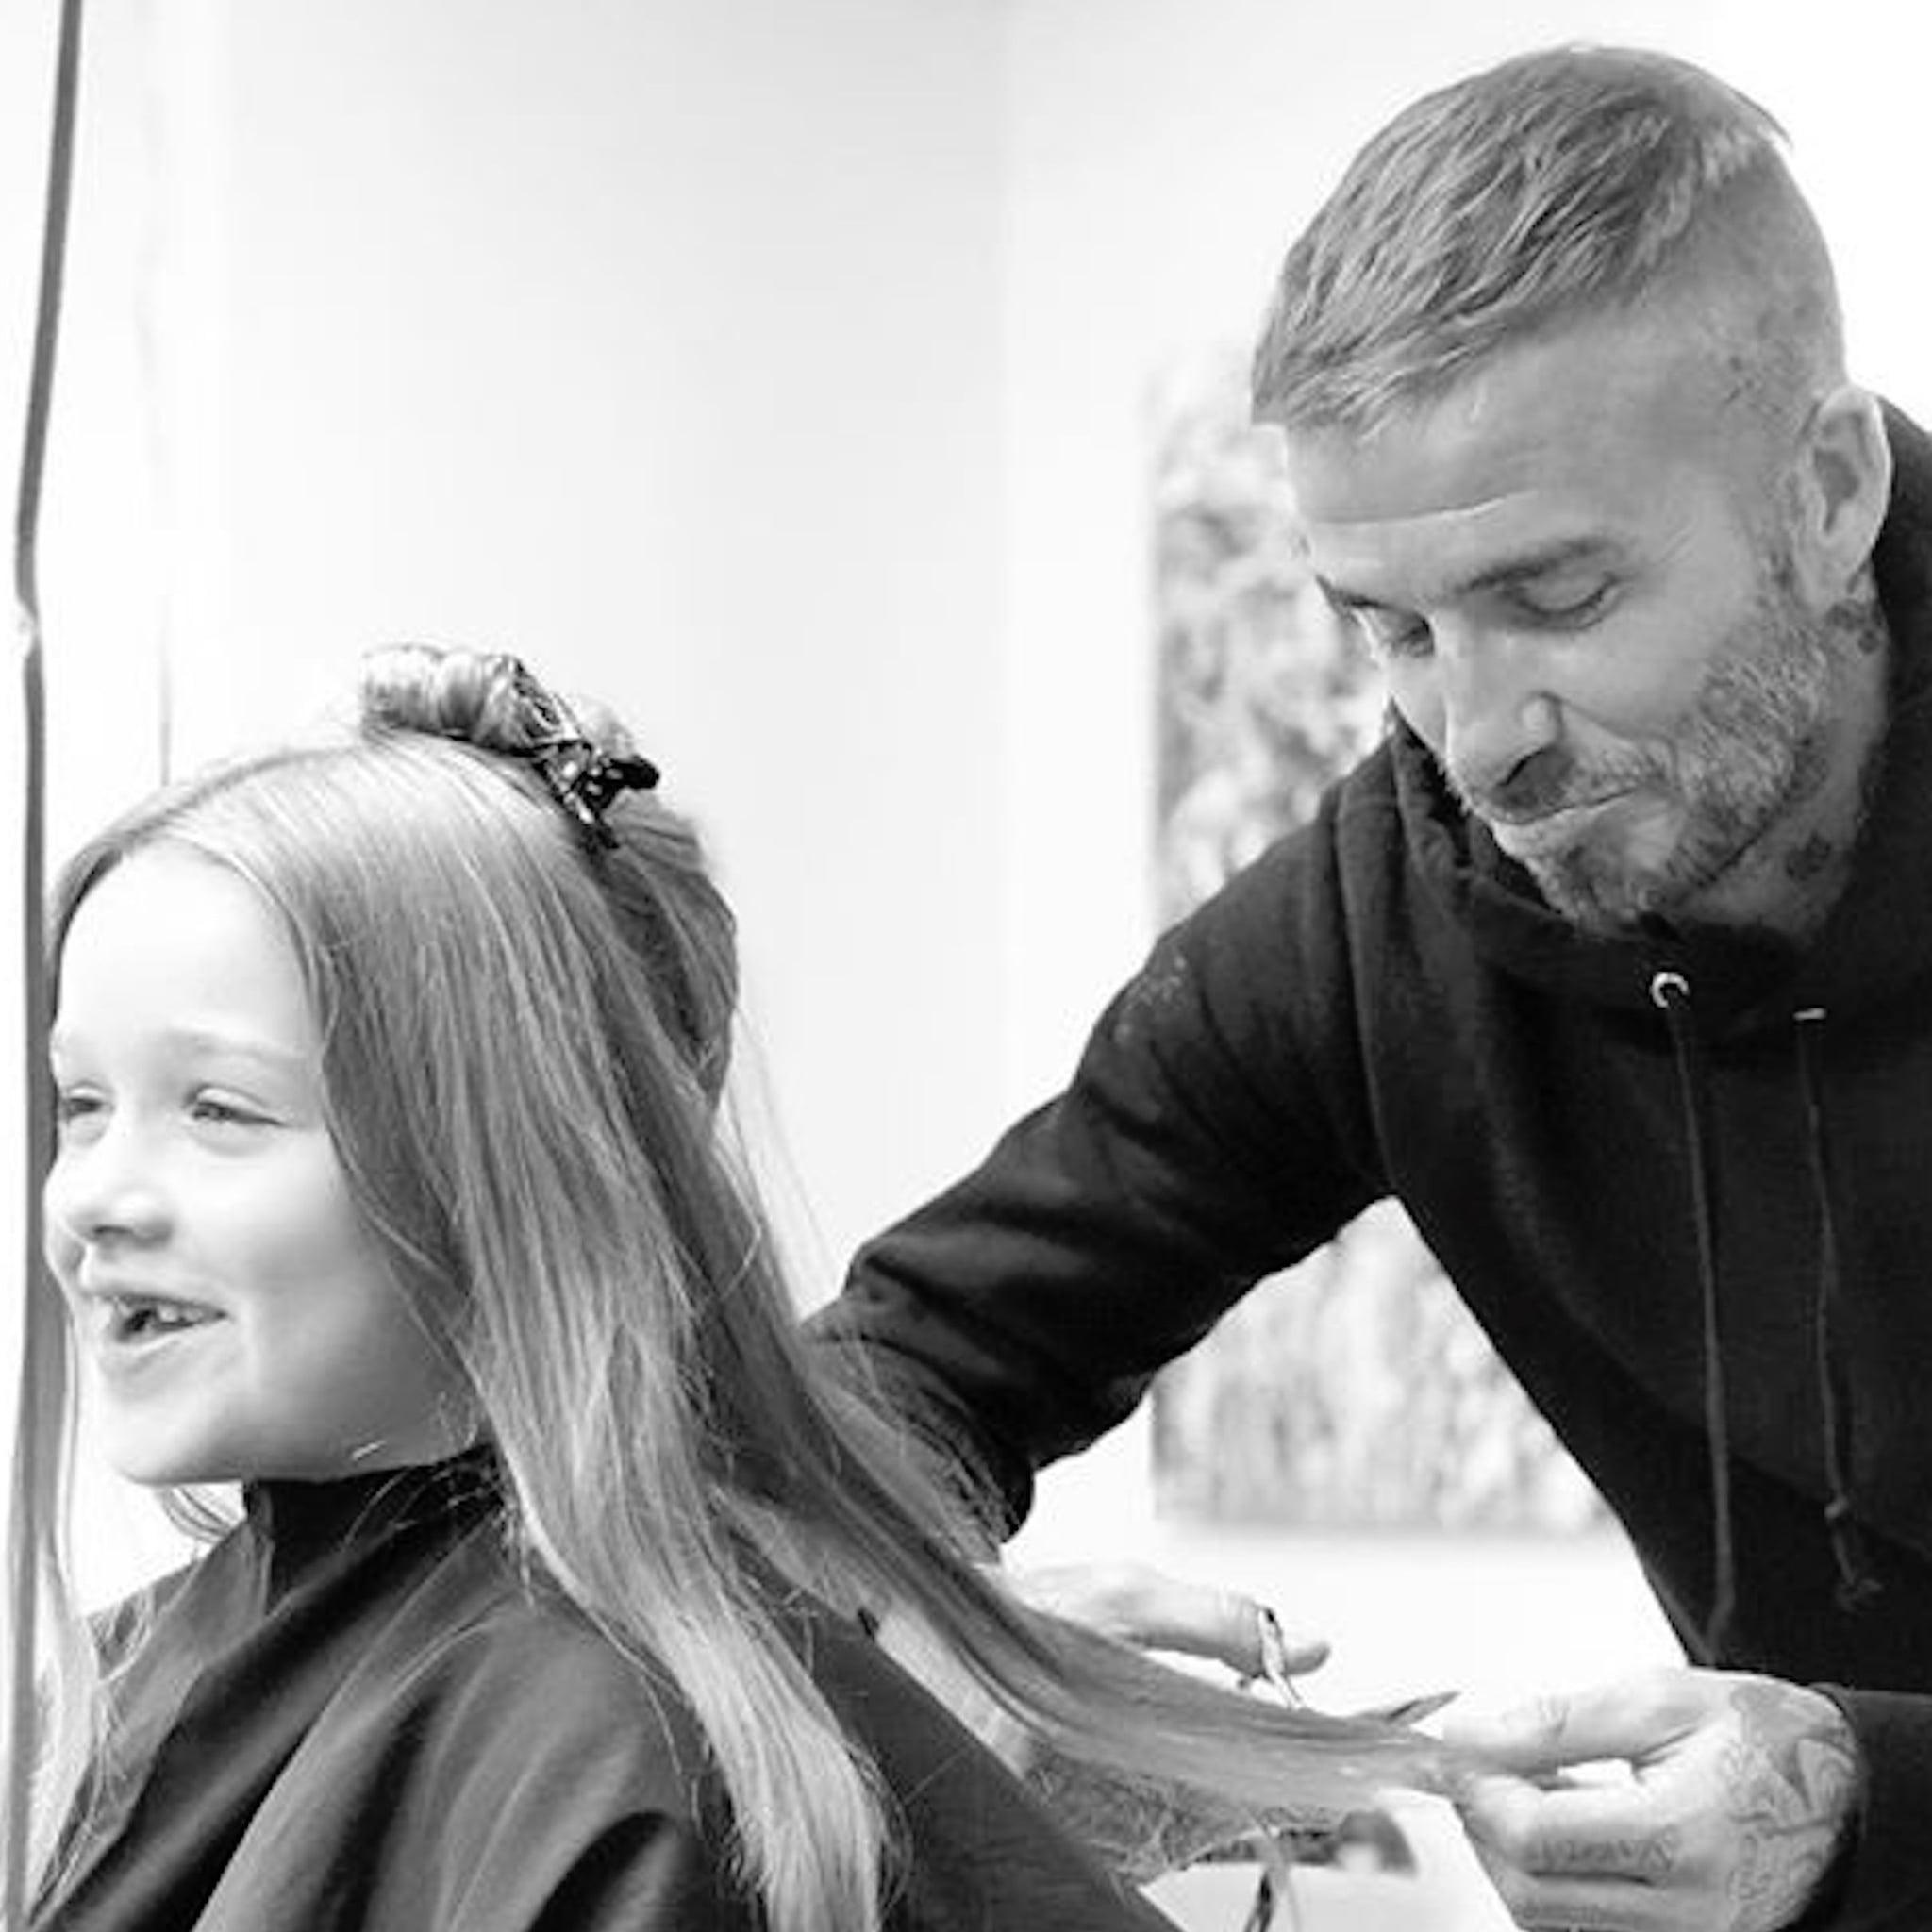 david beckham cutting harper's hair instagram photo 2018 | popsugar